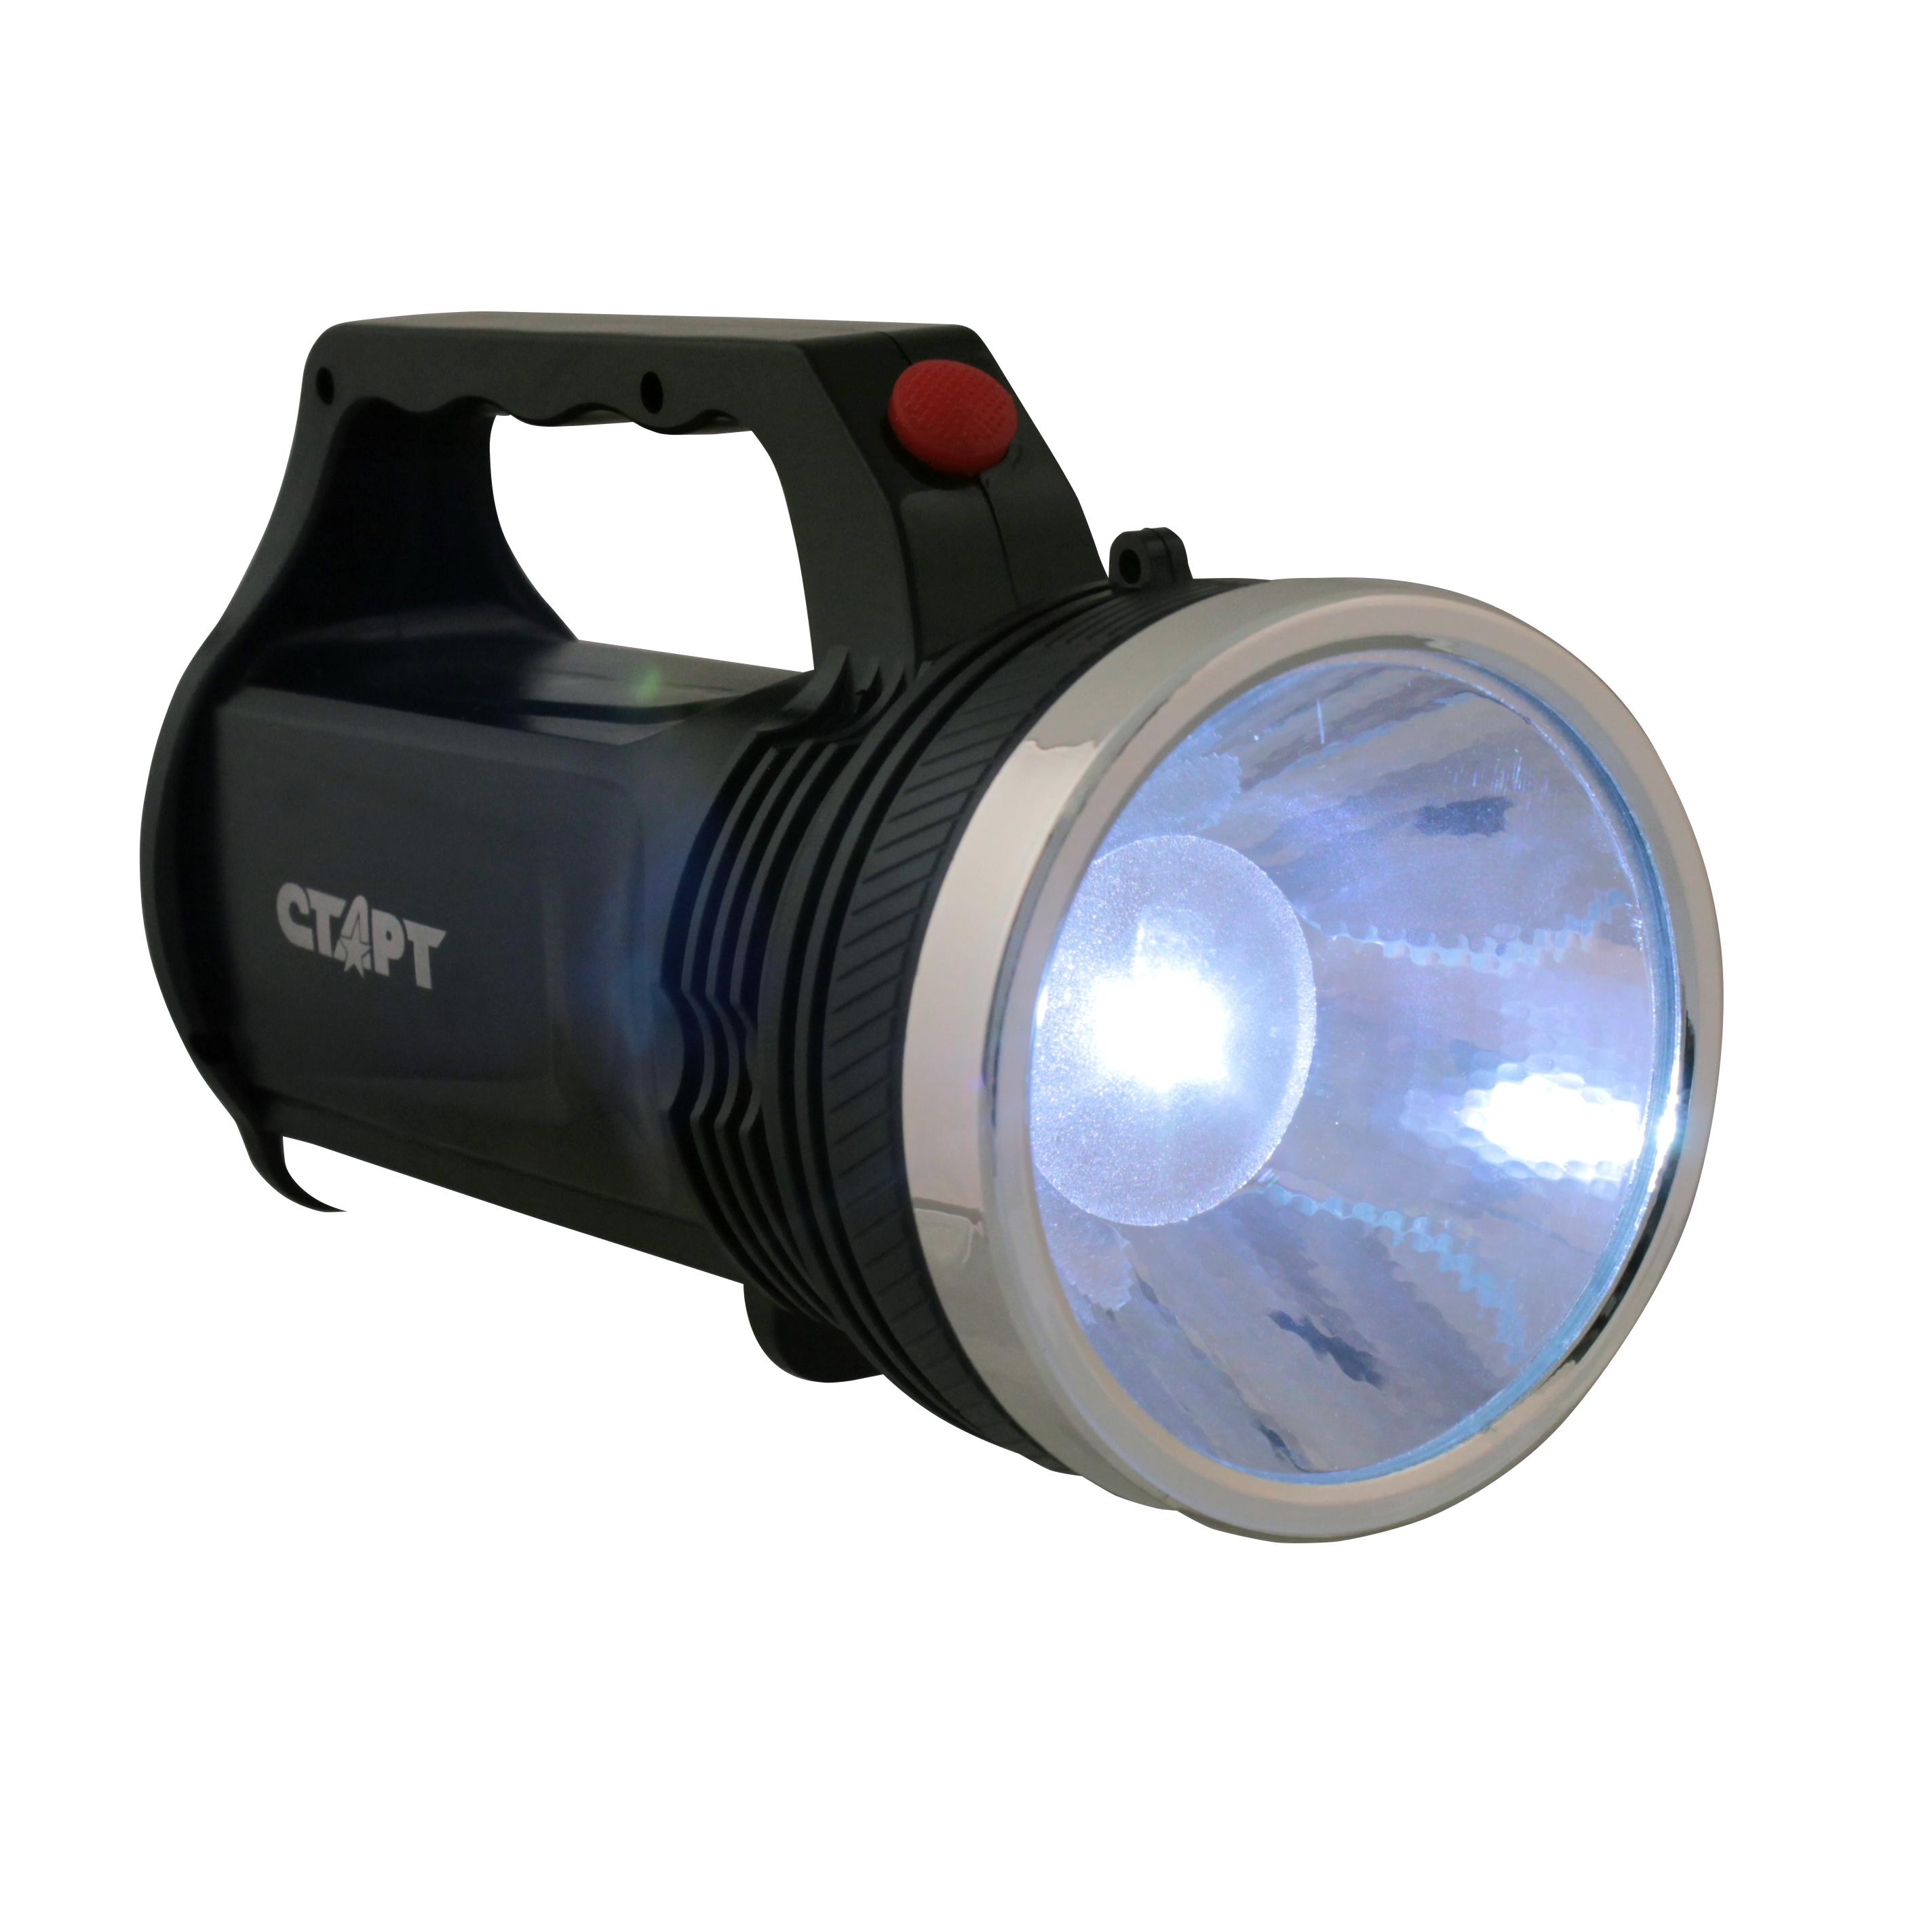 Ручной фонарь СТАРТ LHE 505-B1 Black, черный